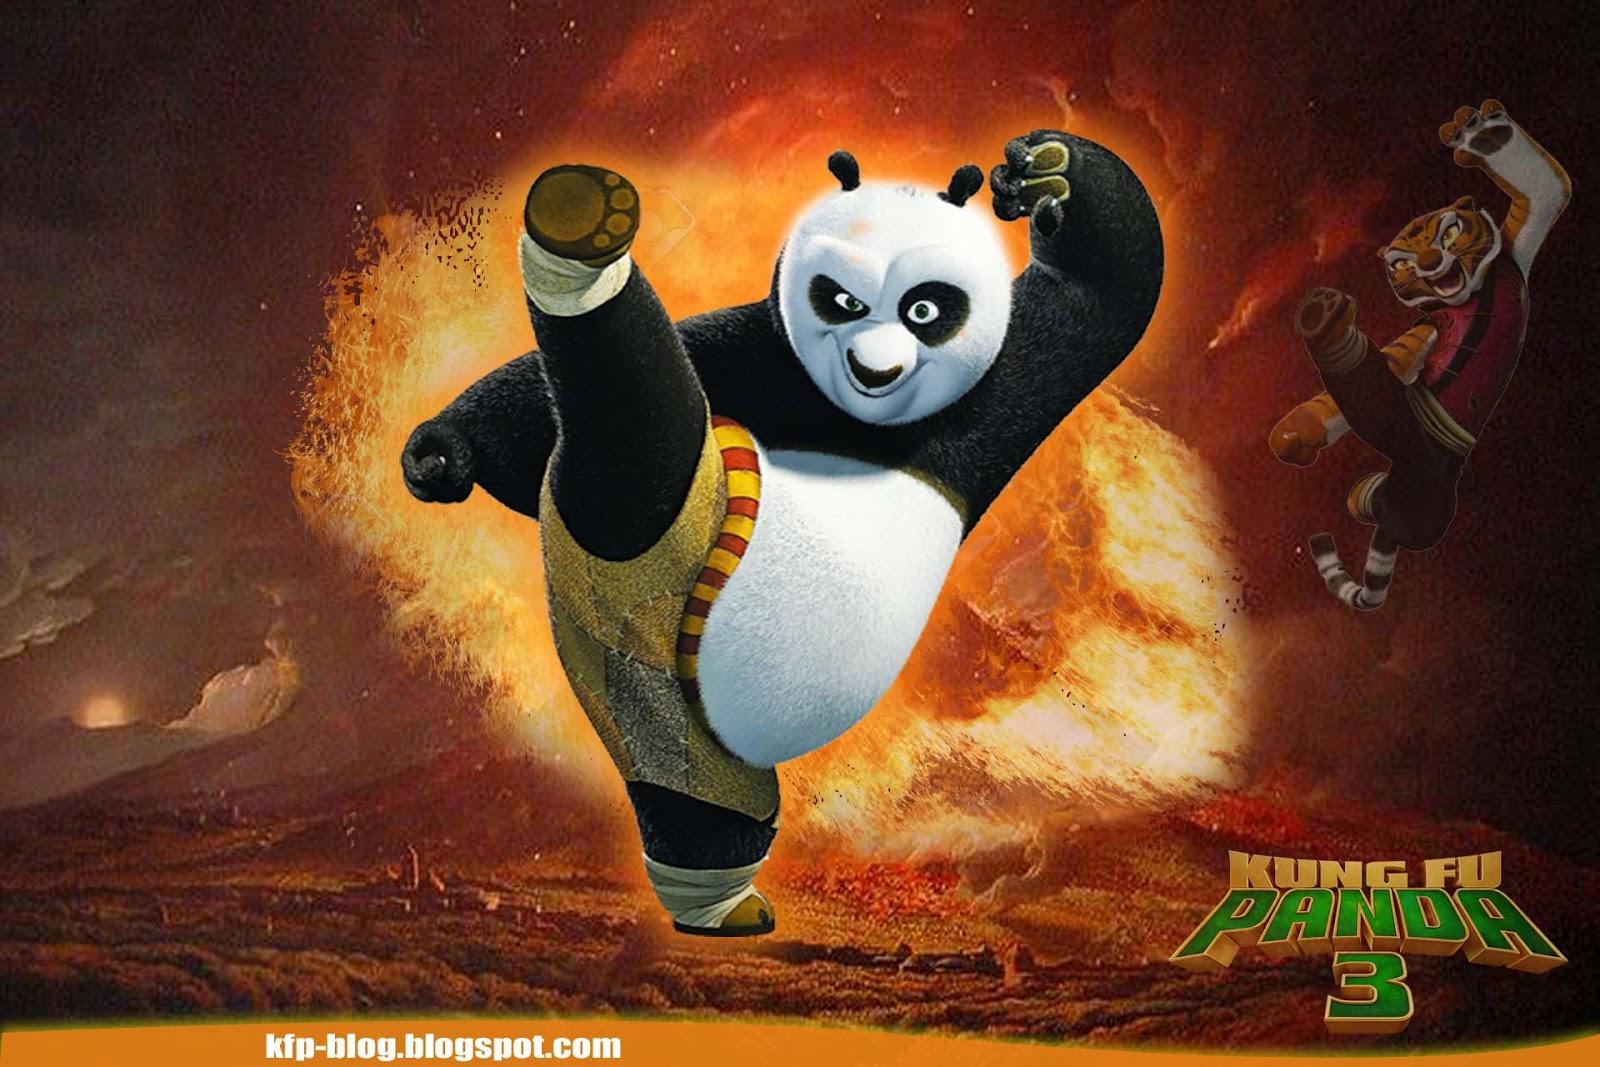 Kung fu panda series hd wallpapers reviews and news kung - Kung fu panda wallpaper ...